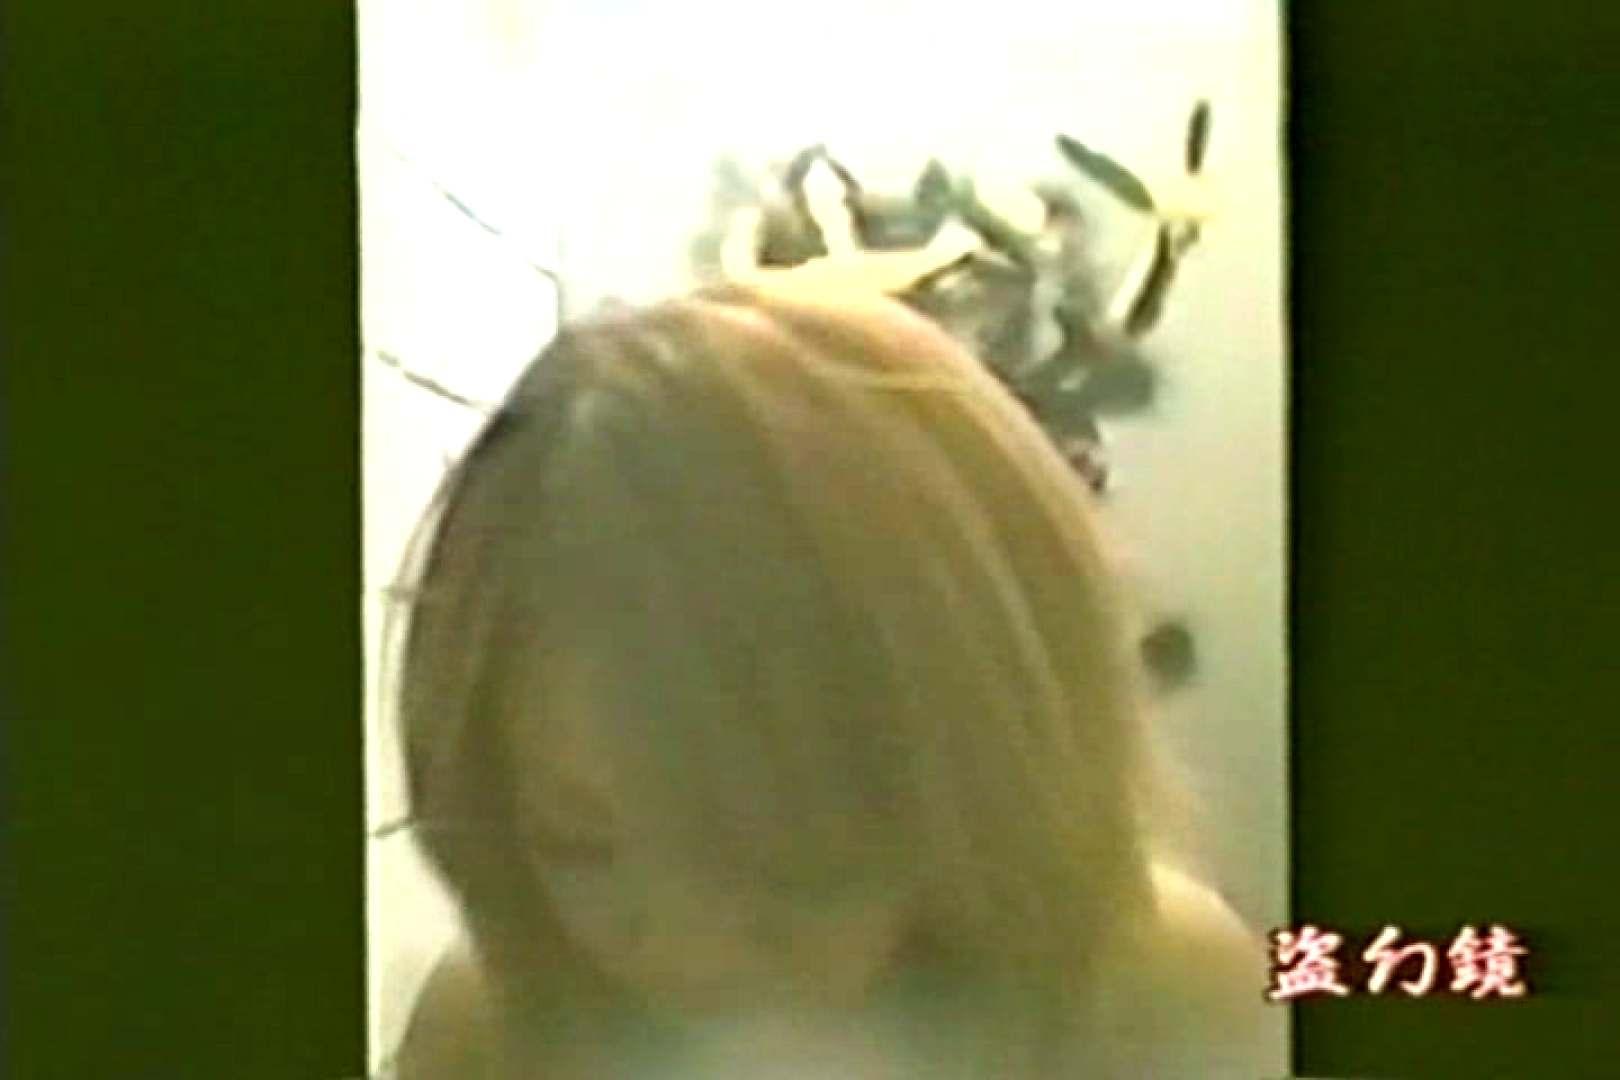 水着ギャル和式女子大生● MT-1 和式トイレ AV動画キャプチャ 103pic 19